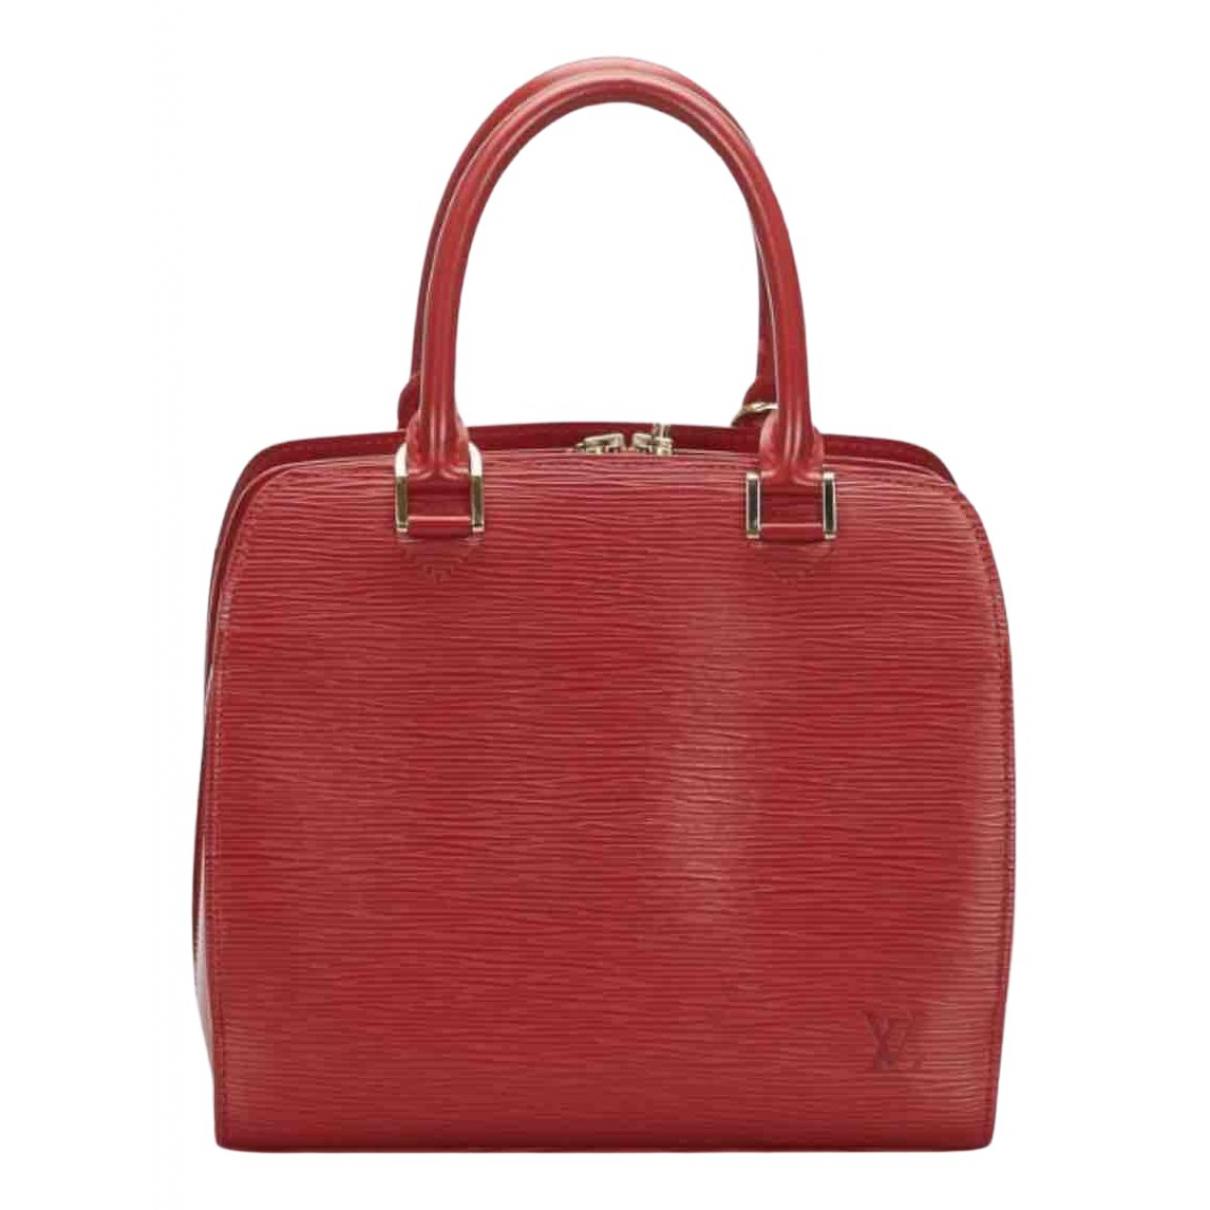 Louis Vuitton - Sac a main Pont Neuf Vintage  pour femme en cuir - rouge